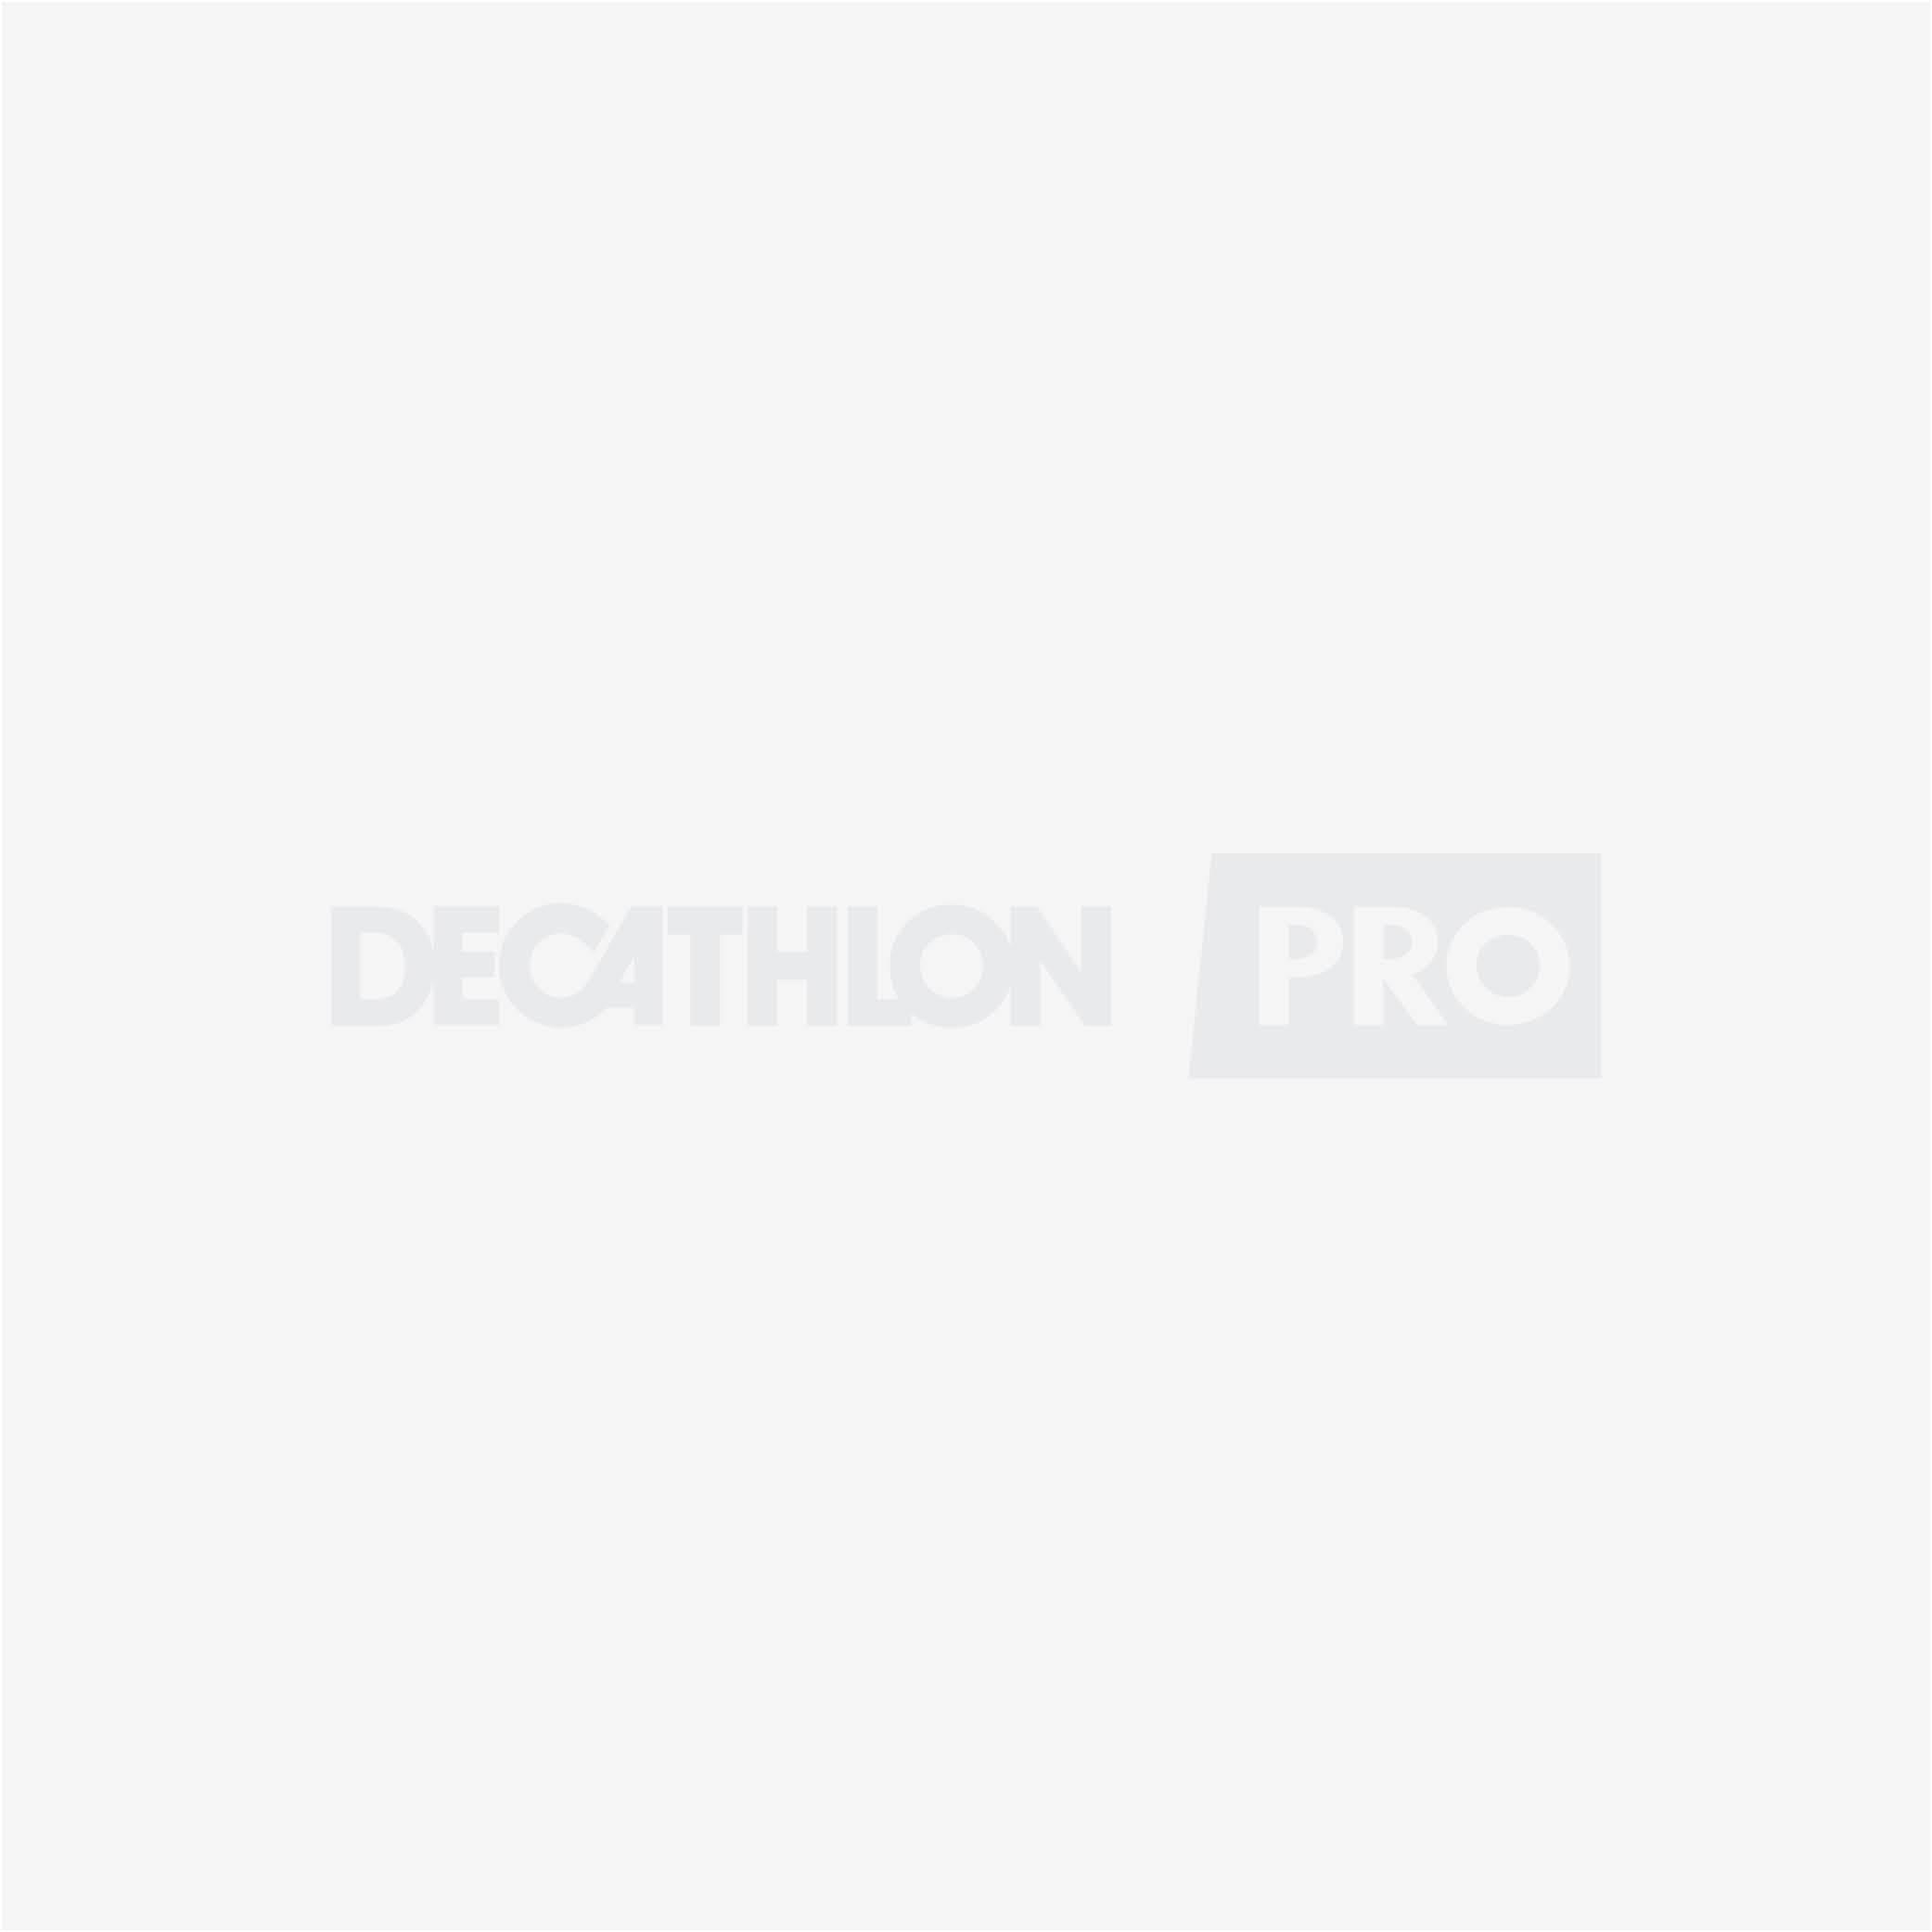 broderie decathlon pro